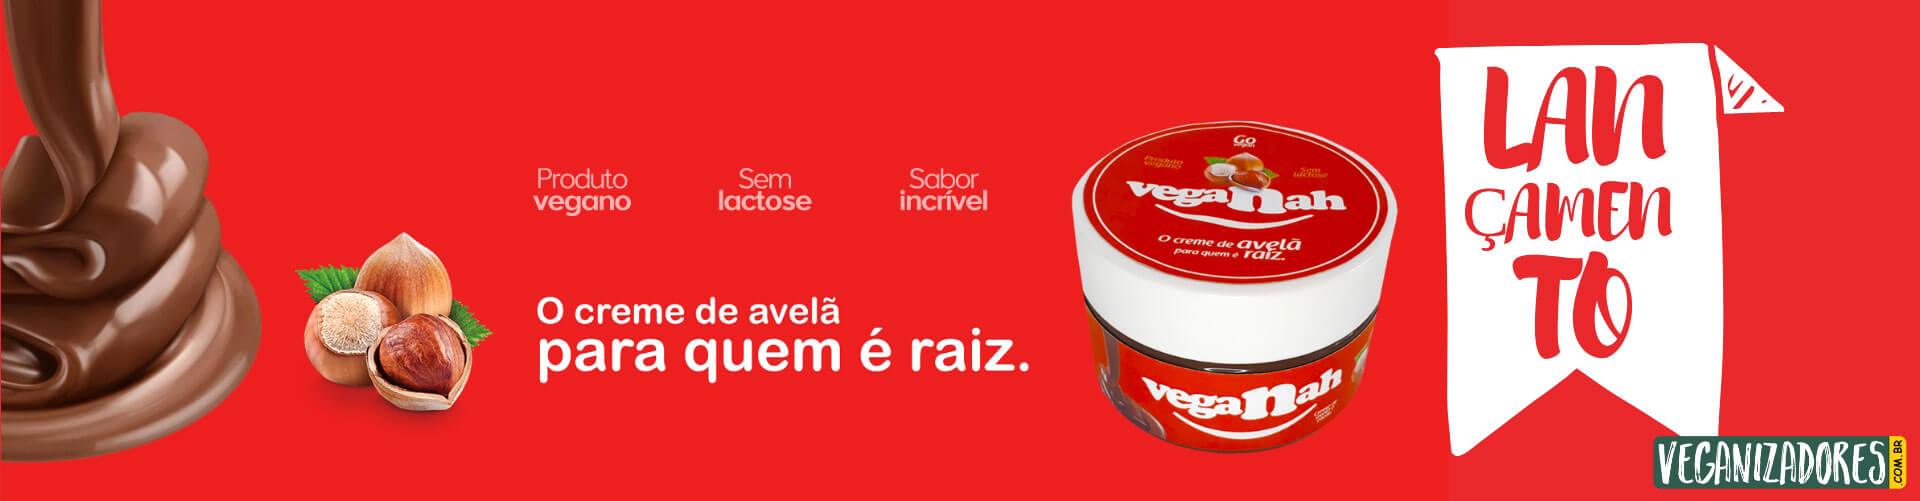 Veganah Creme de Avelã